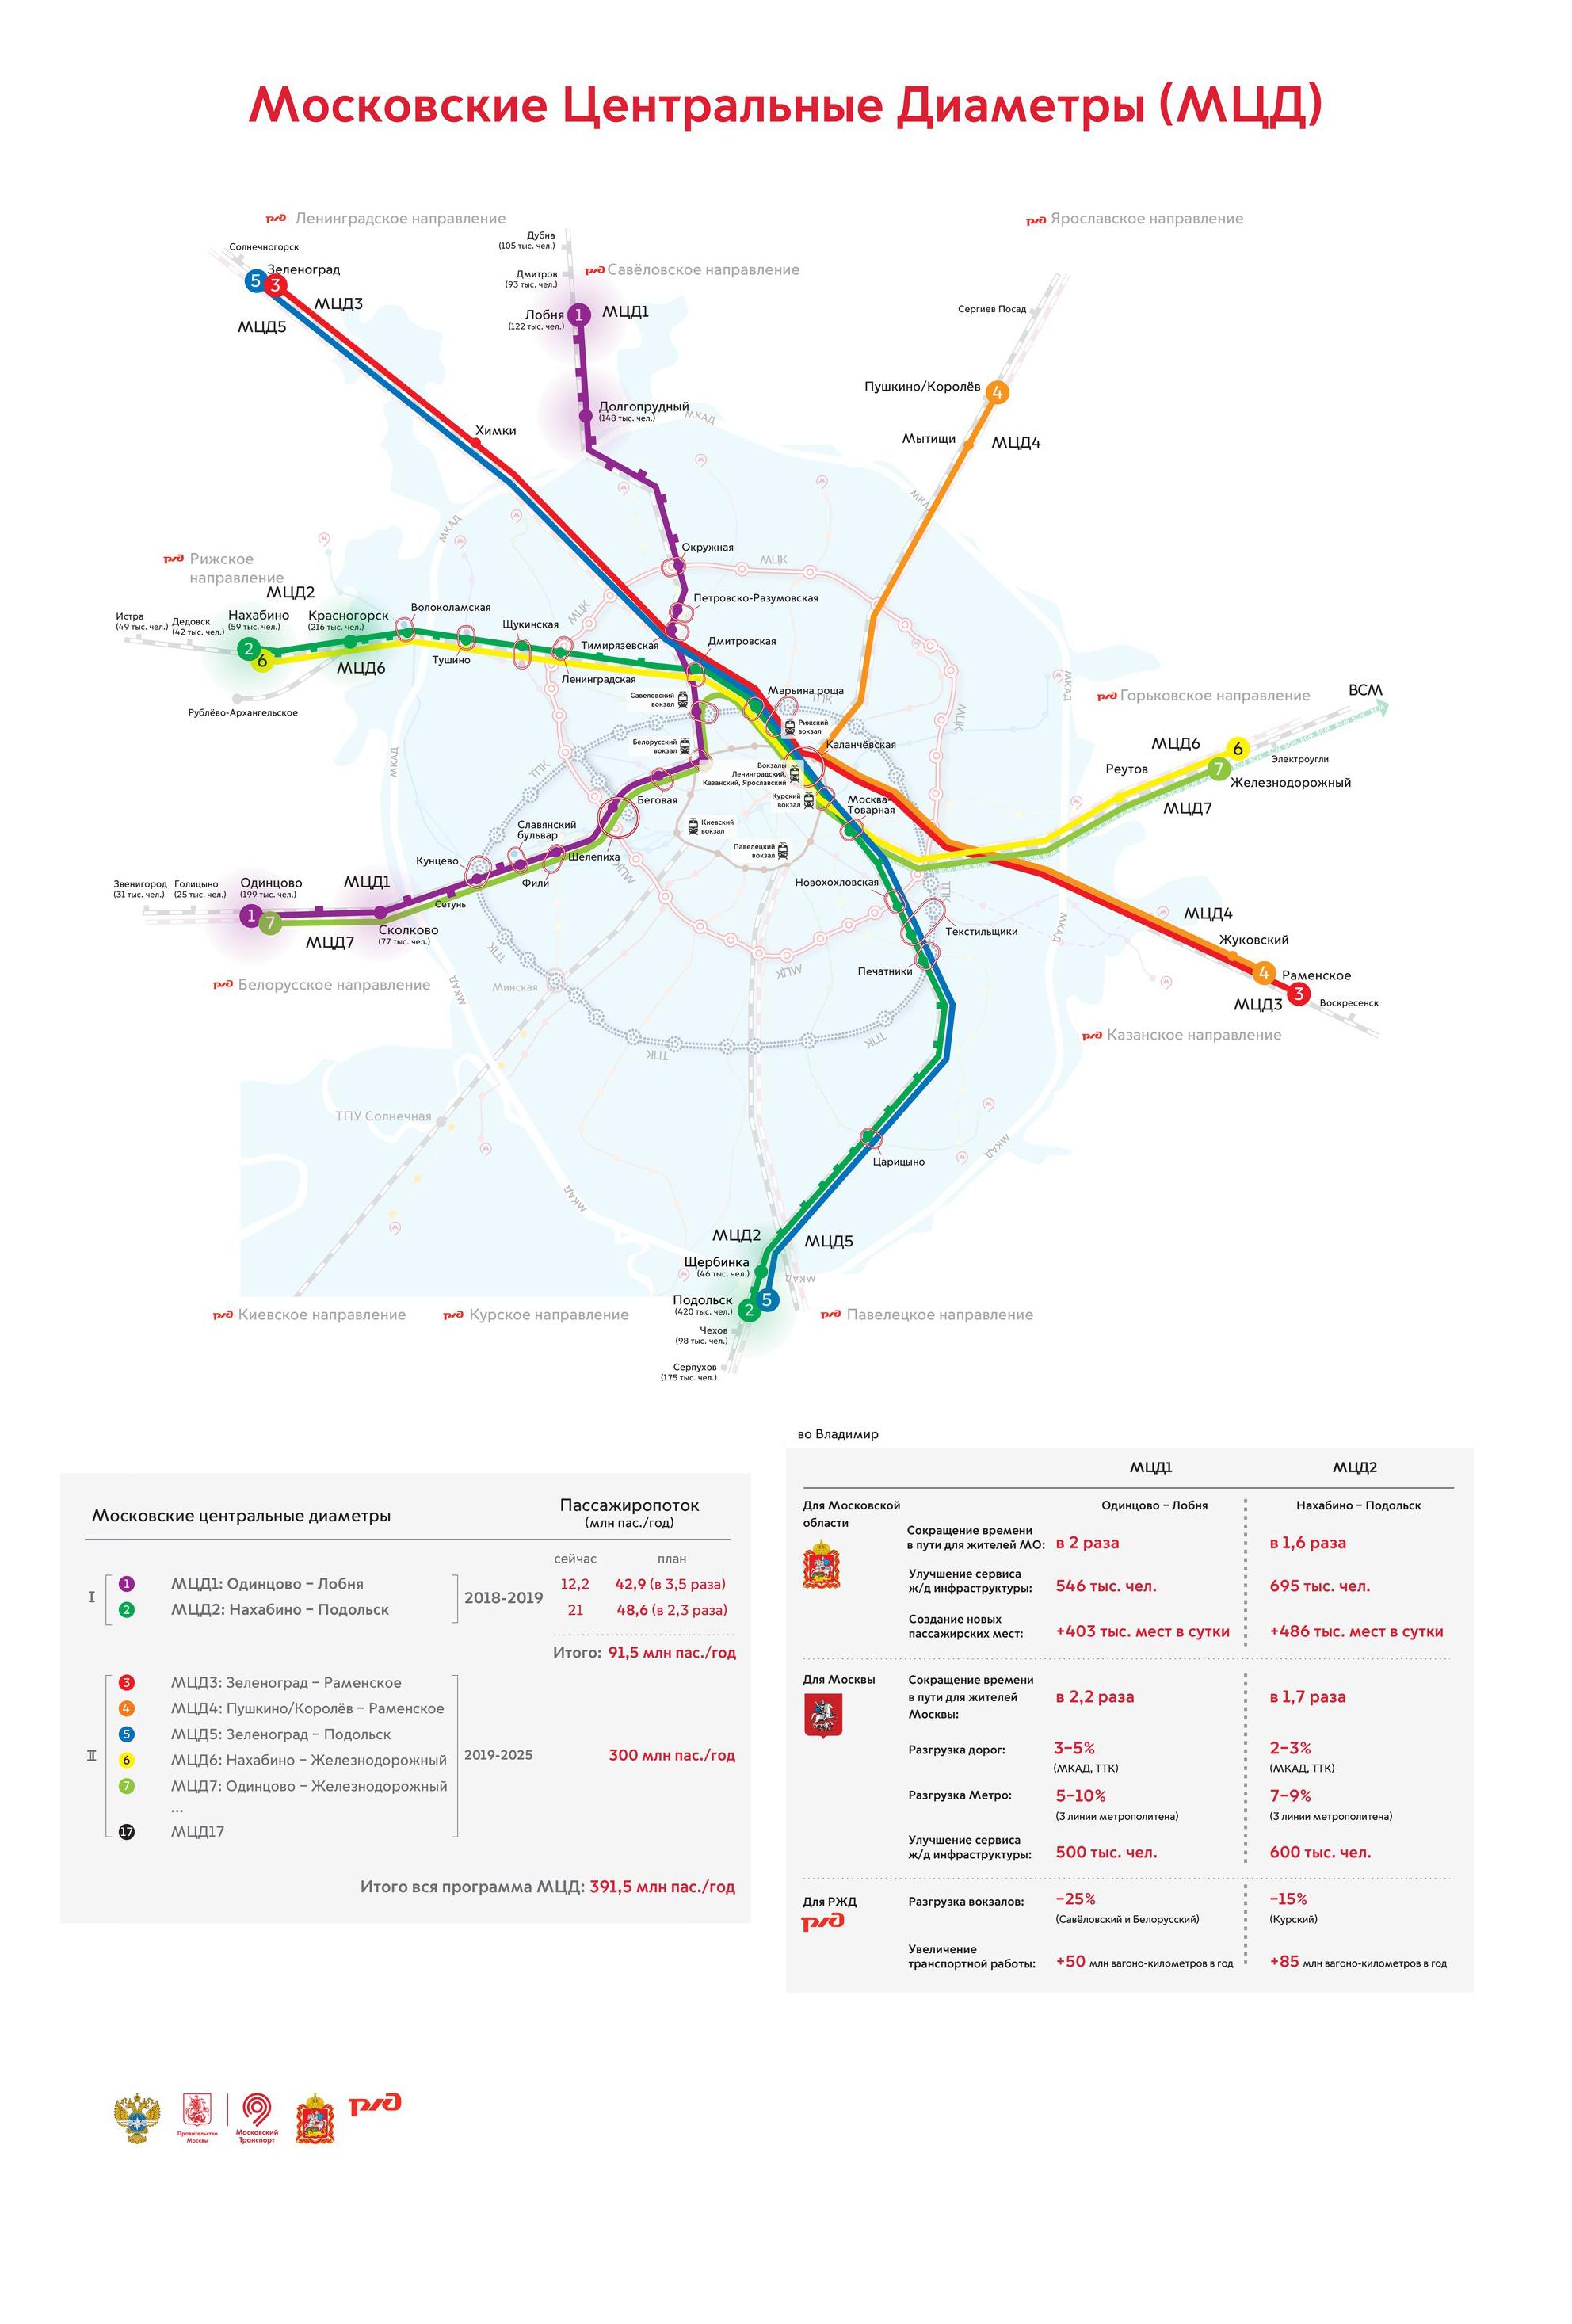 транспорт, транспорт Москвы, РЖД, железные дороги, дороги Москвы, туризм в Москвы, вокзалы Москвы